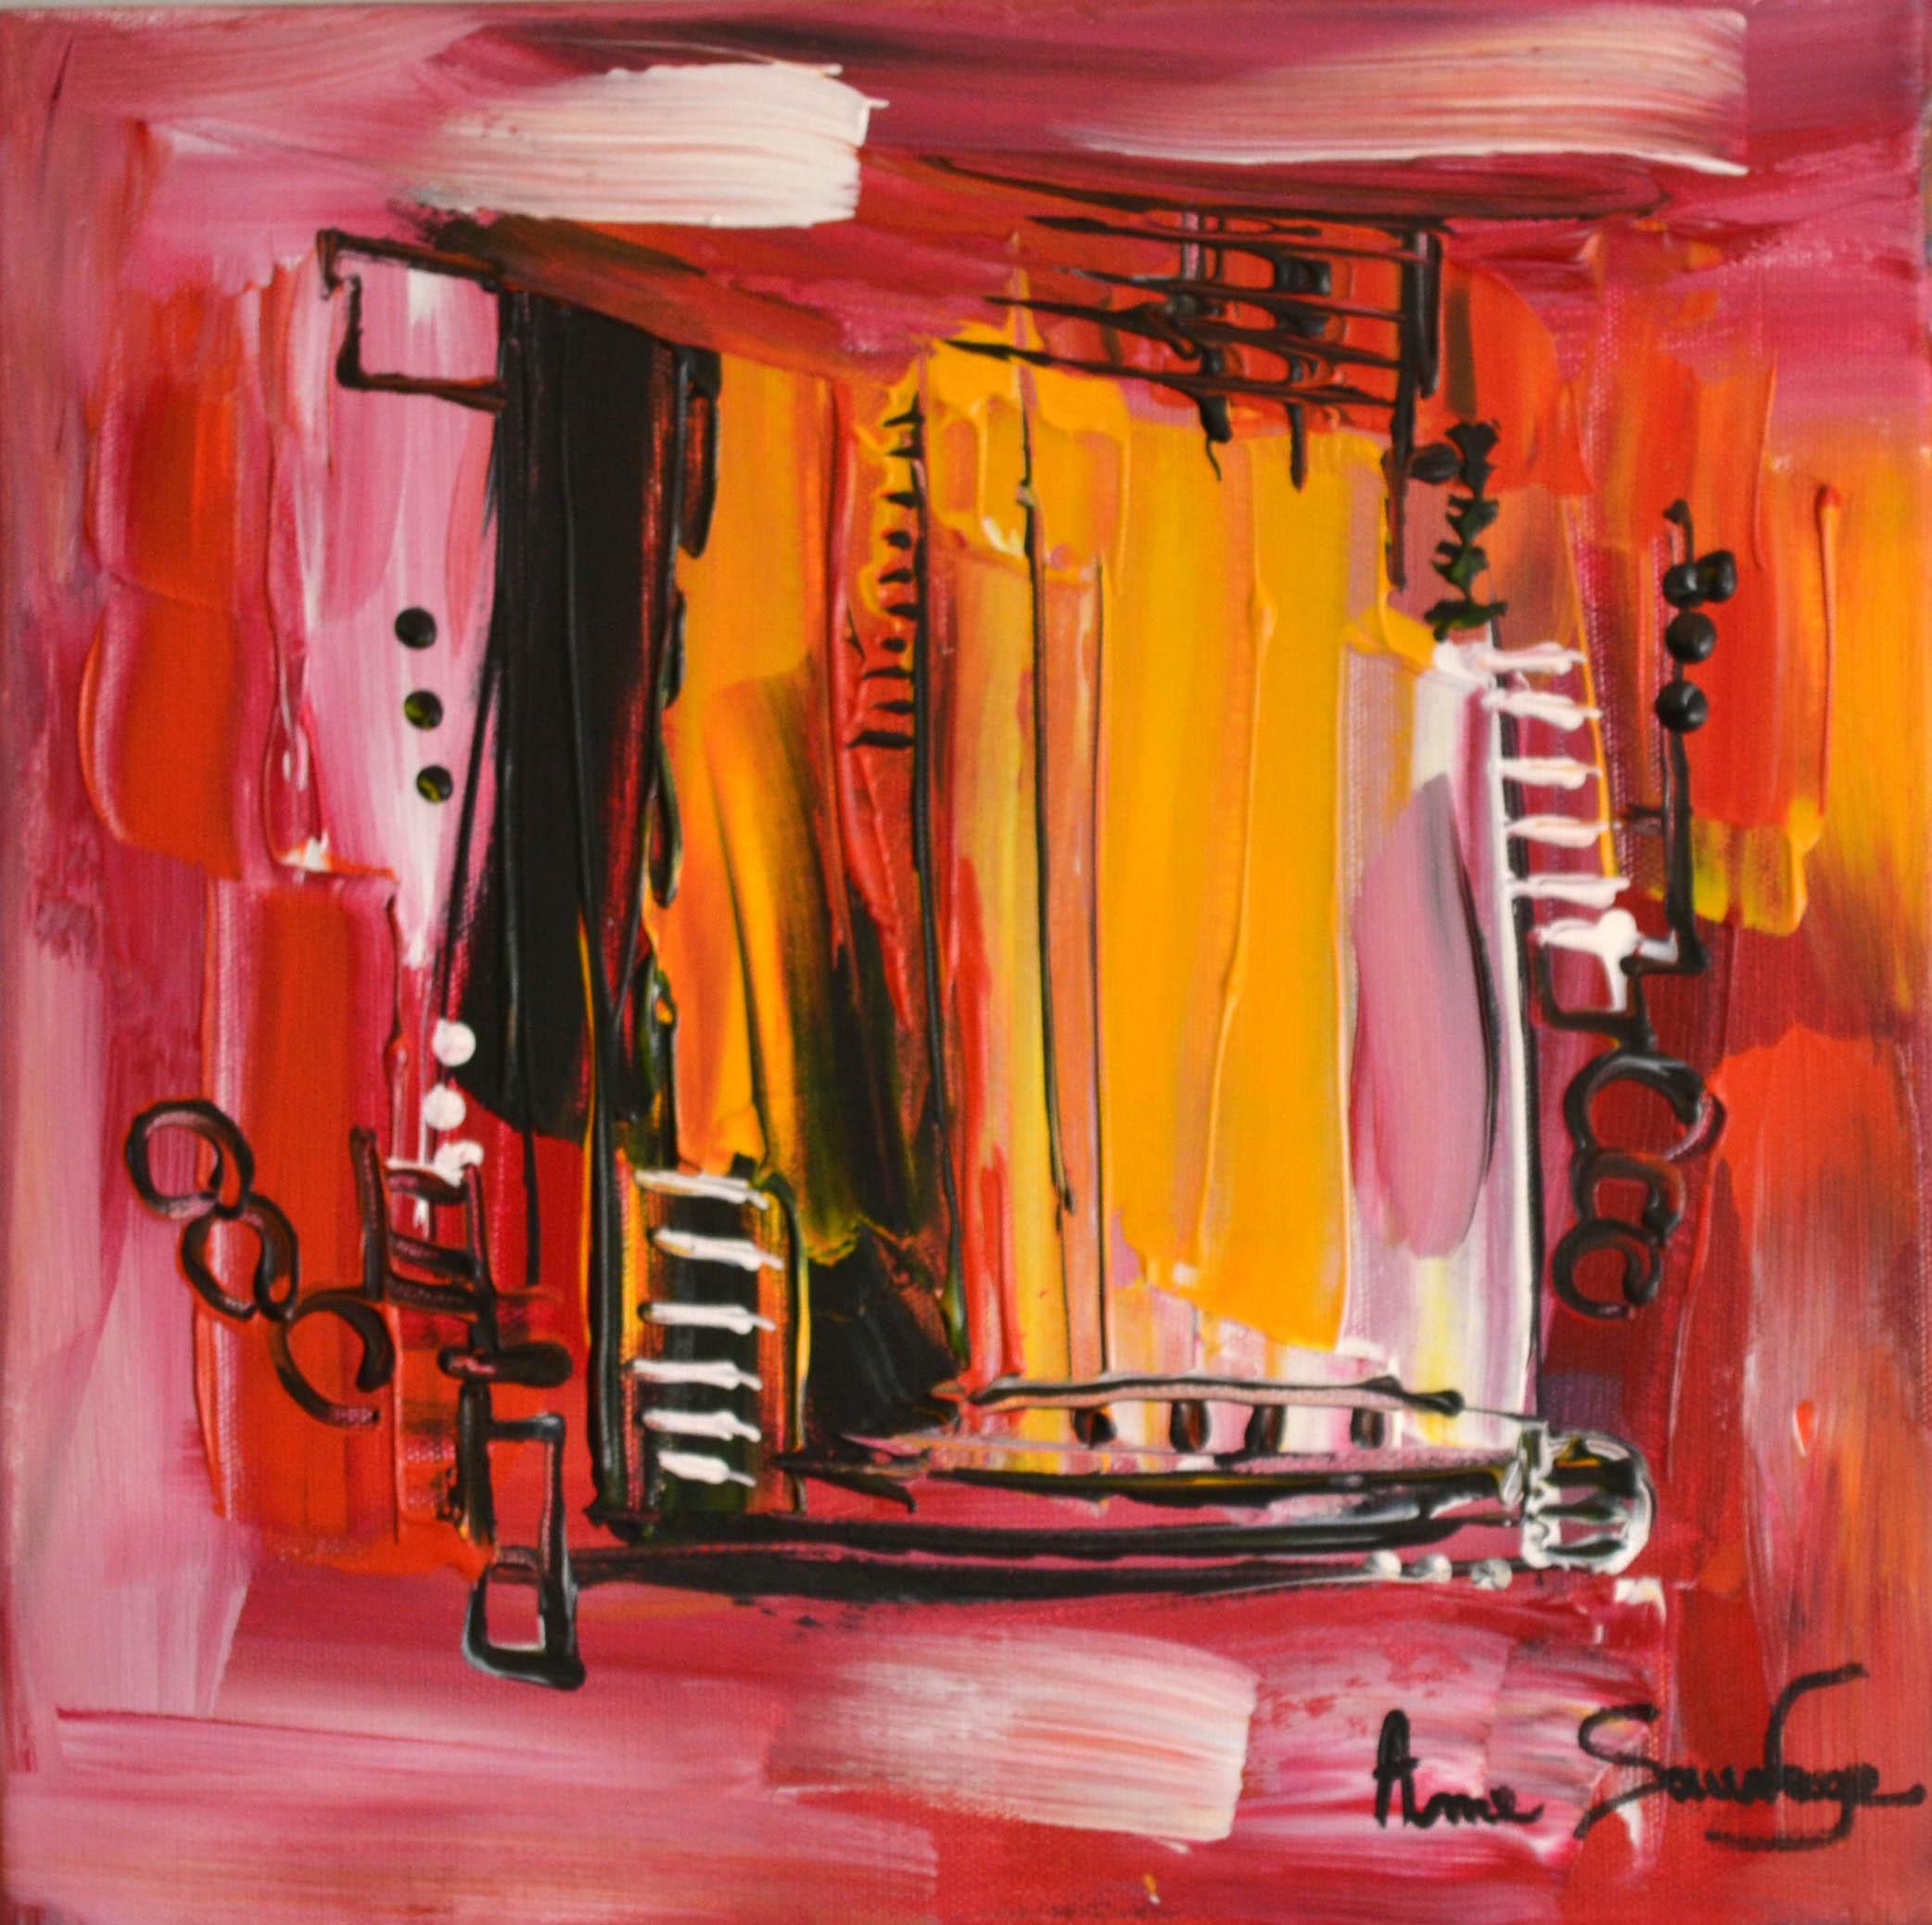 Tableau Abstrait Rouge Et Jaune Au Couteau Peindre